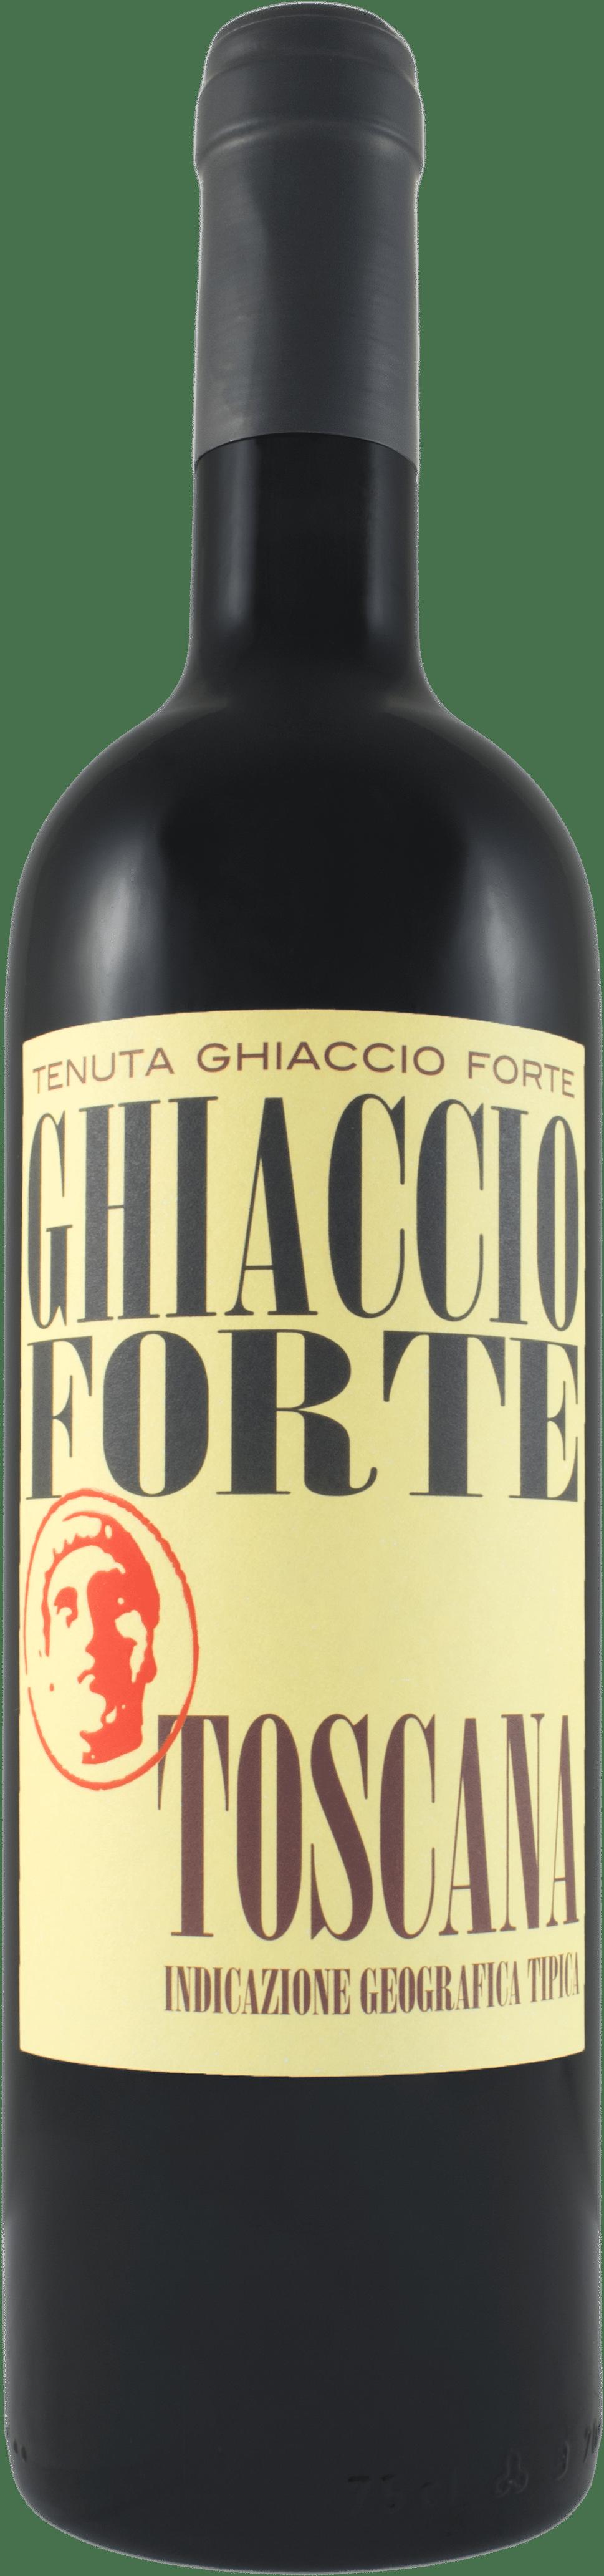 2016 Ghiaccio Forte Toscana